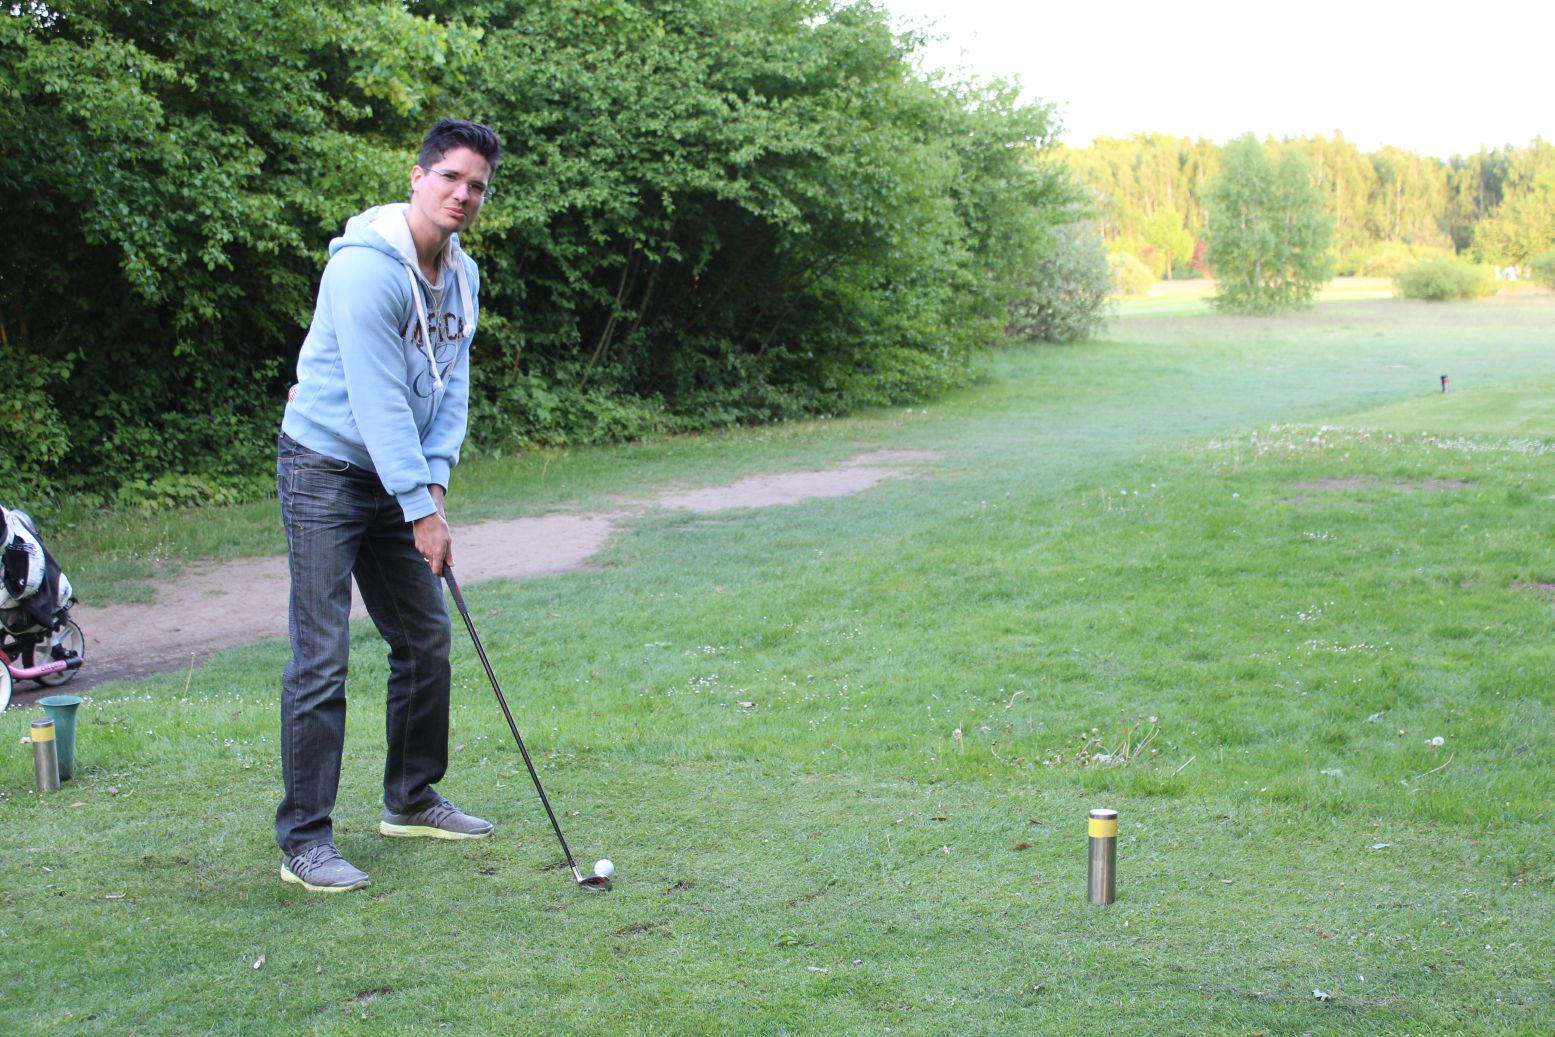 golfplatz mahlow clique 9